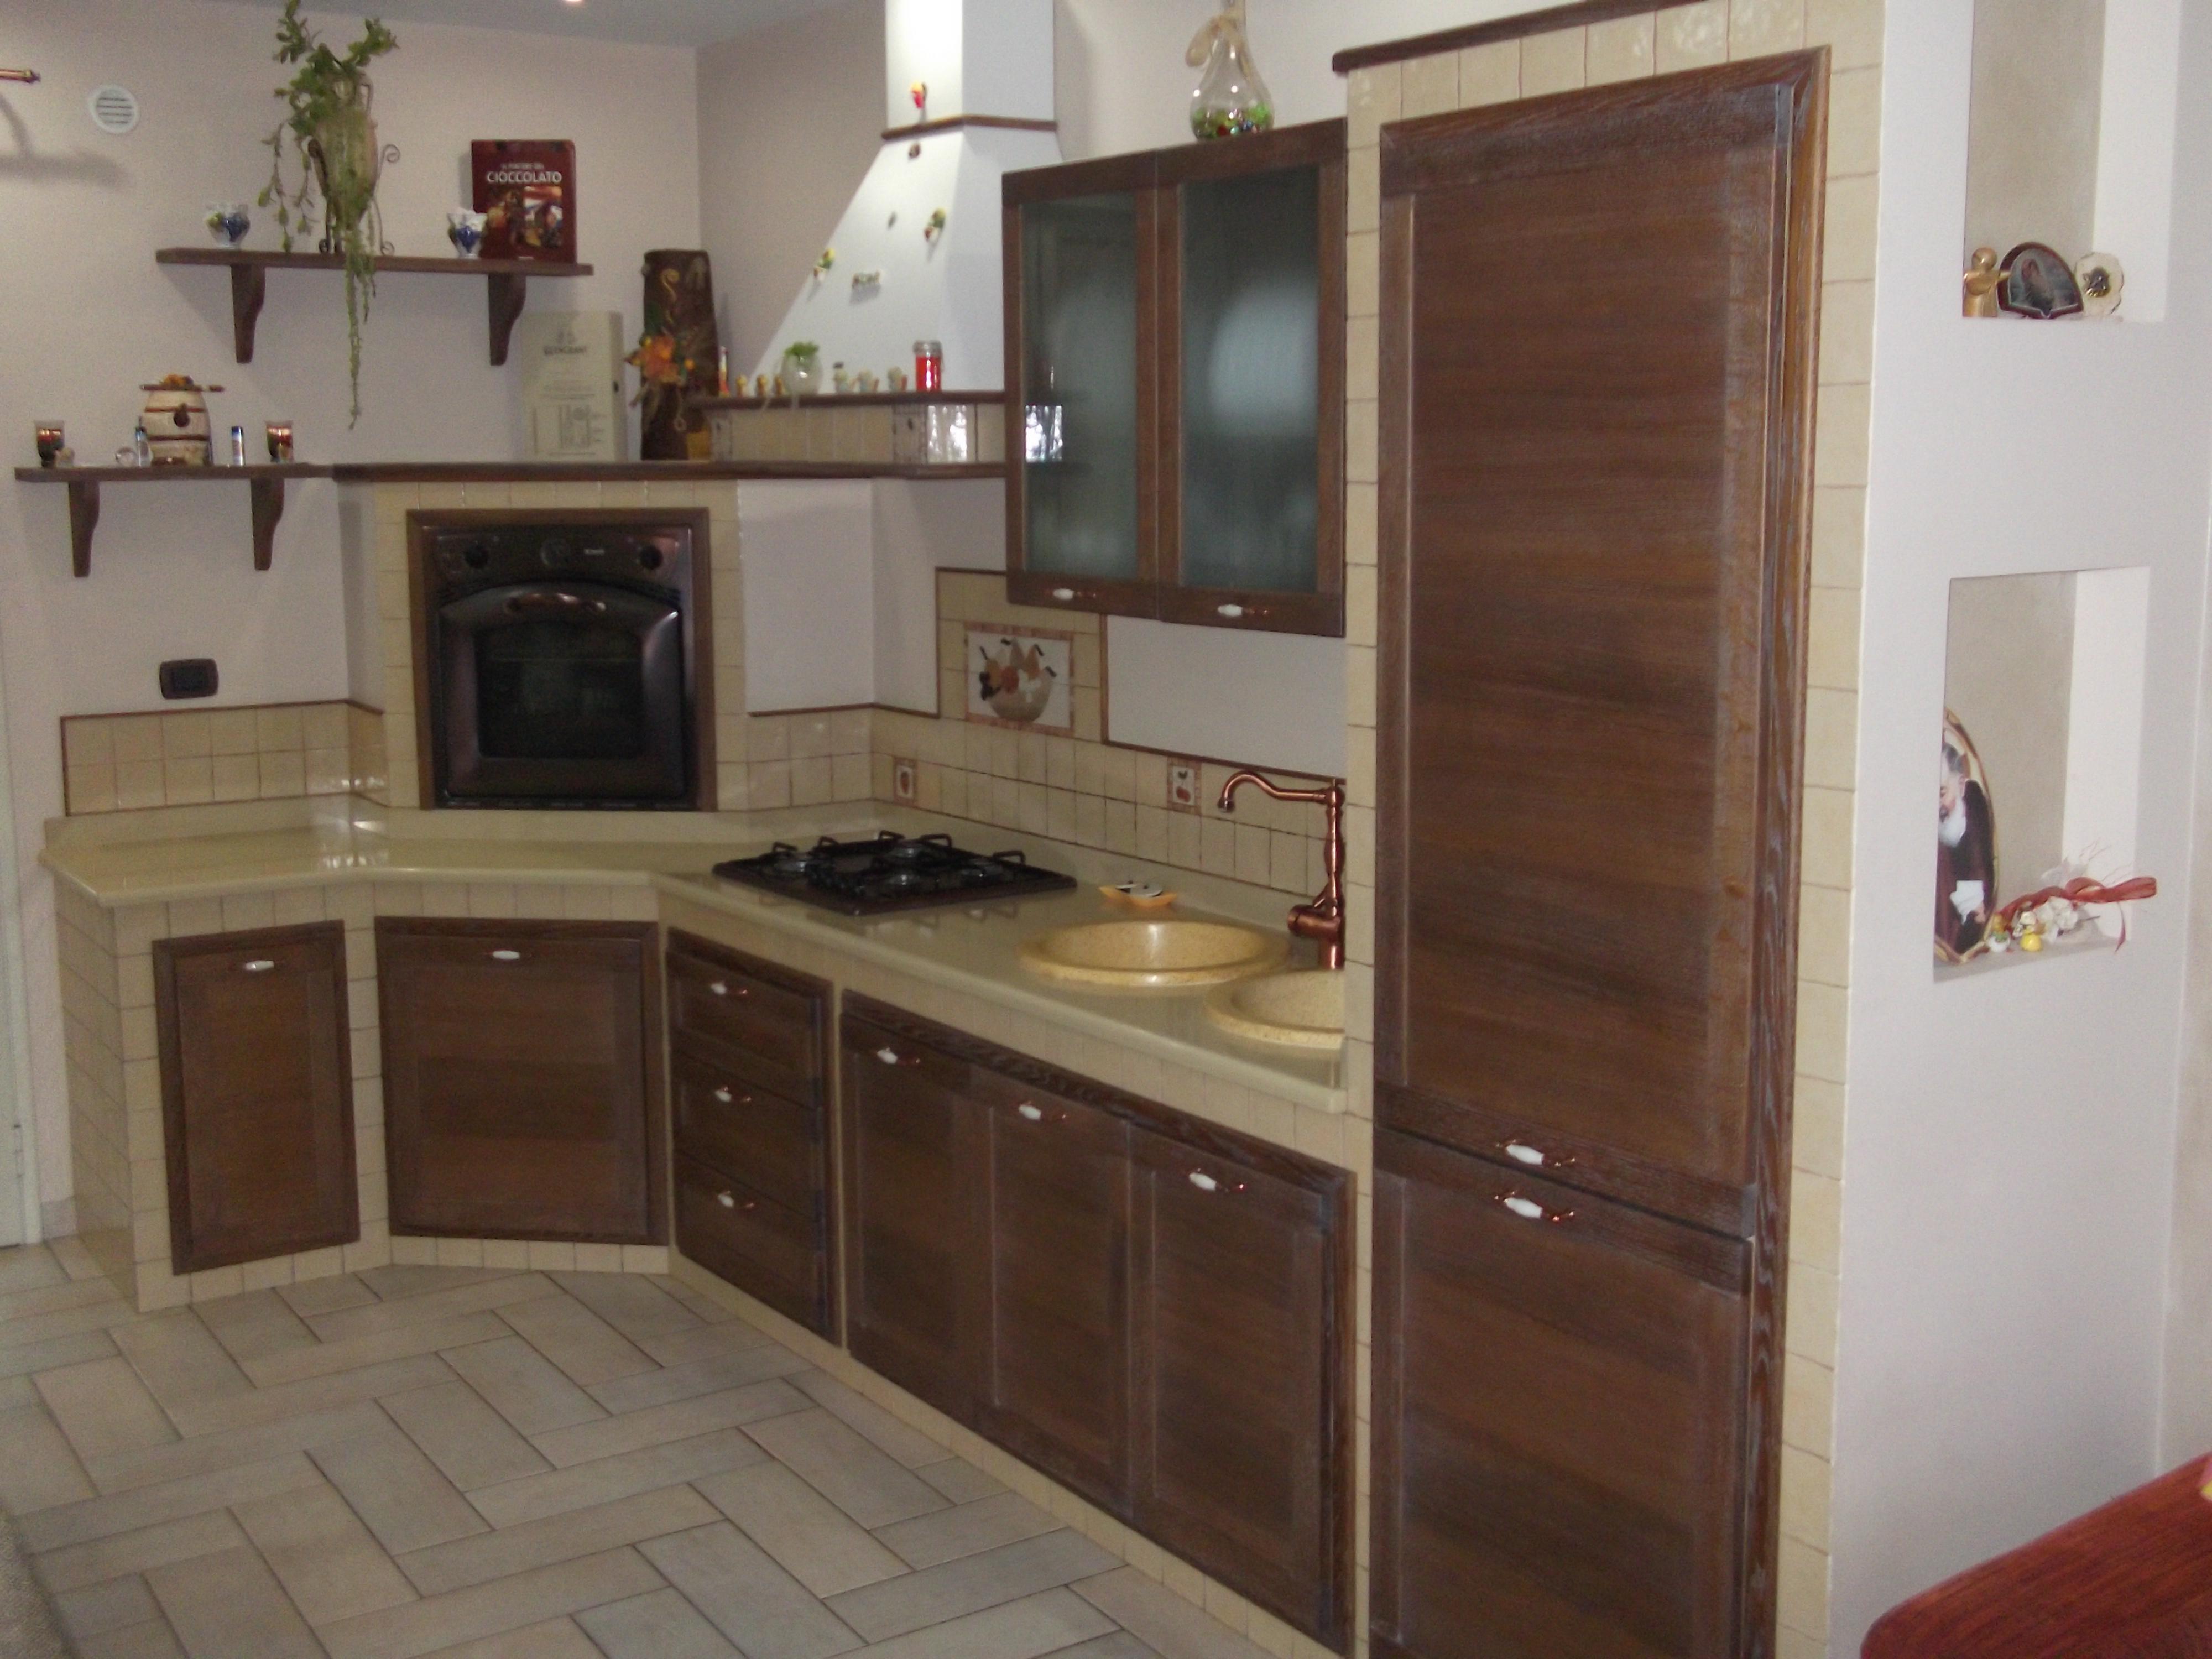 controsoffitti catania cucine in muratura (2)